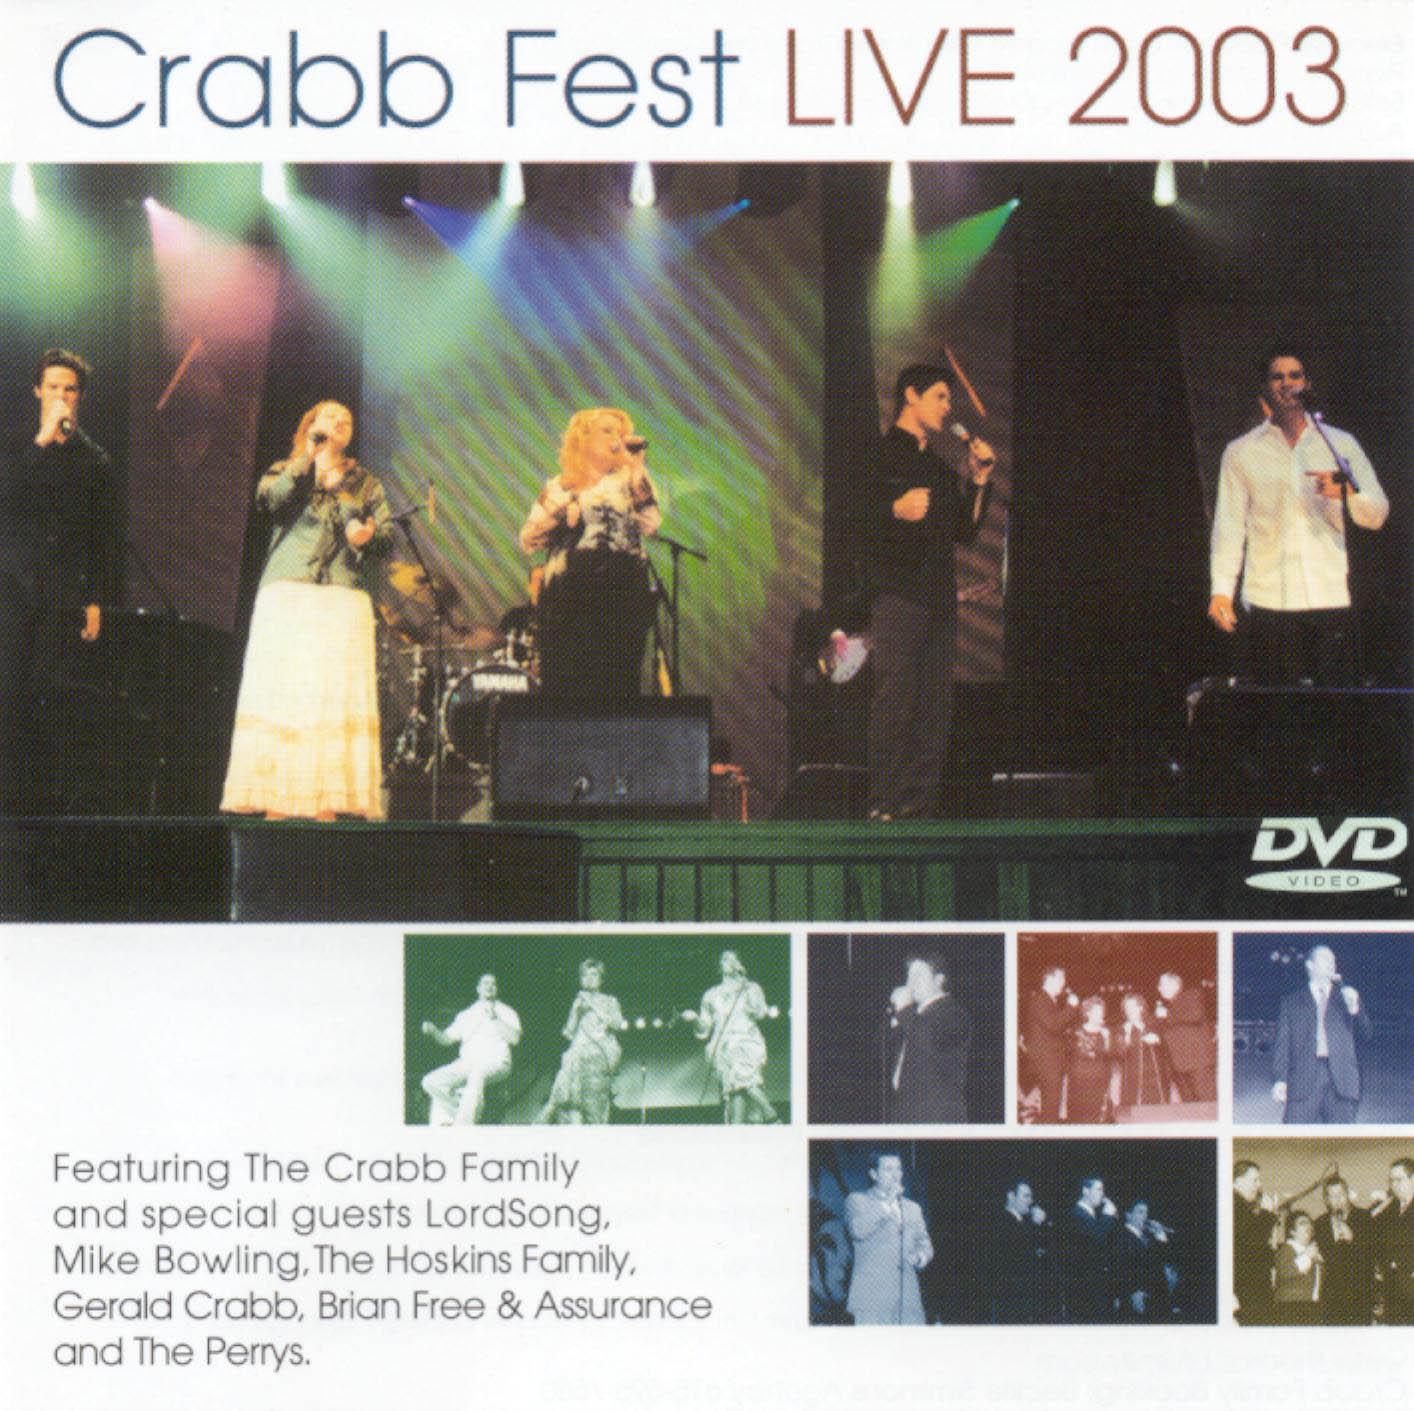 The Crabb Family: Crabb Fest Live 2003